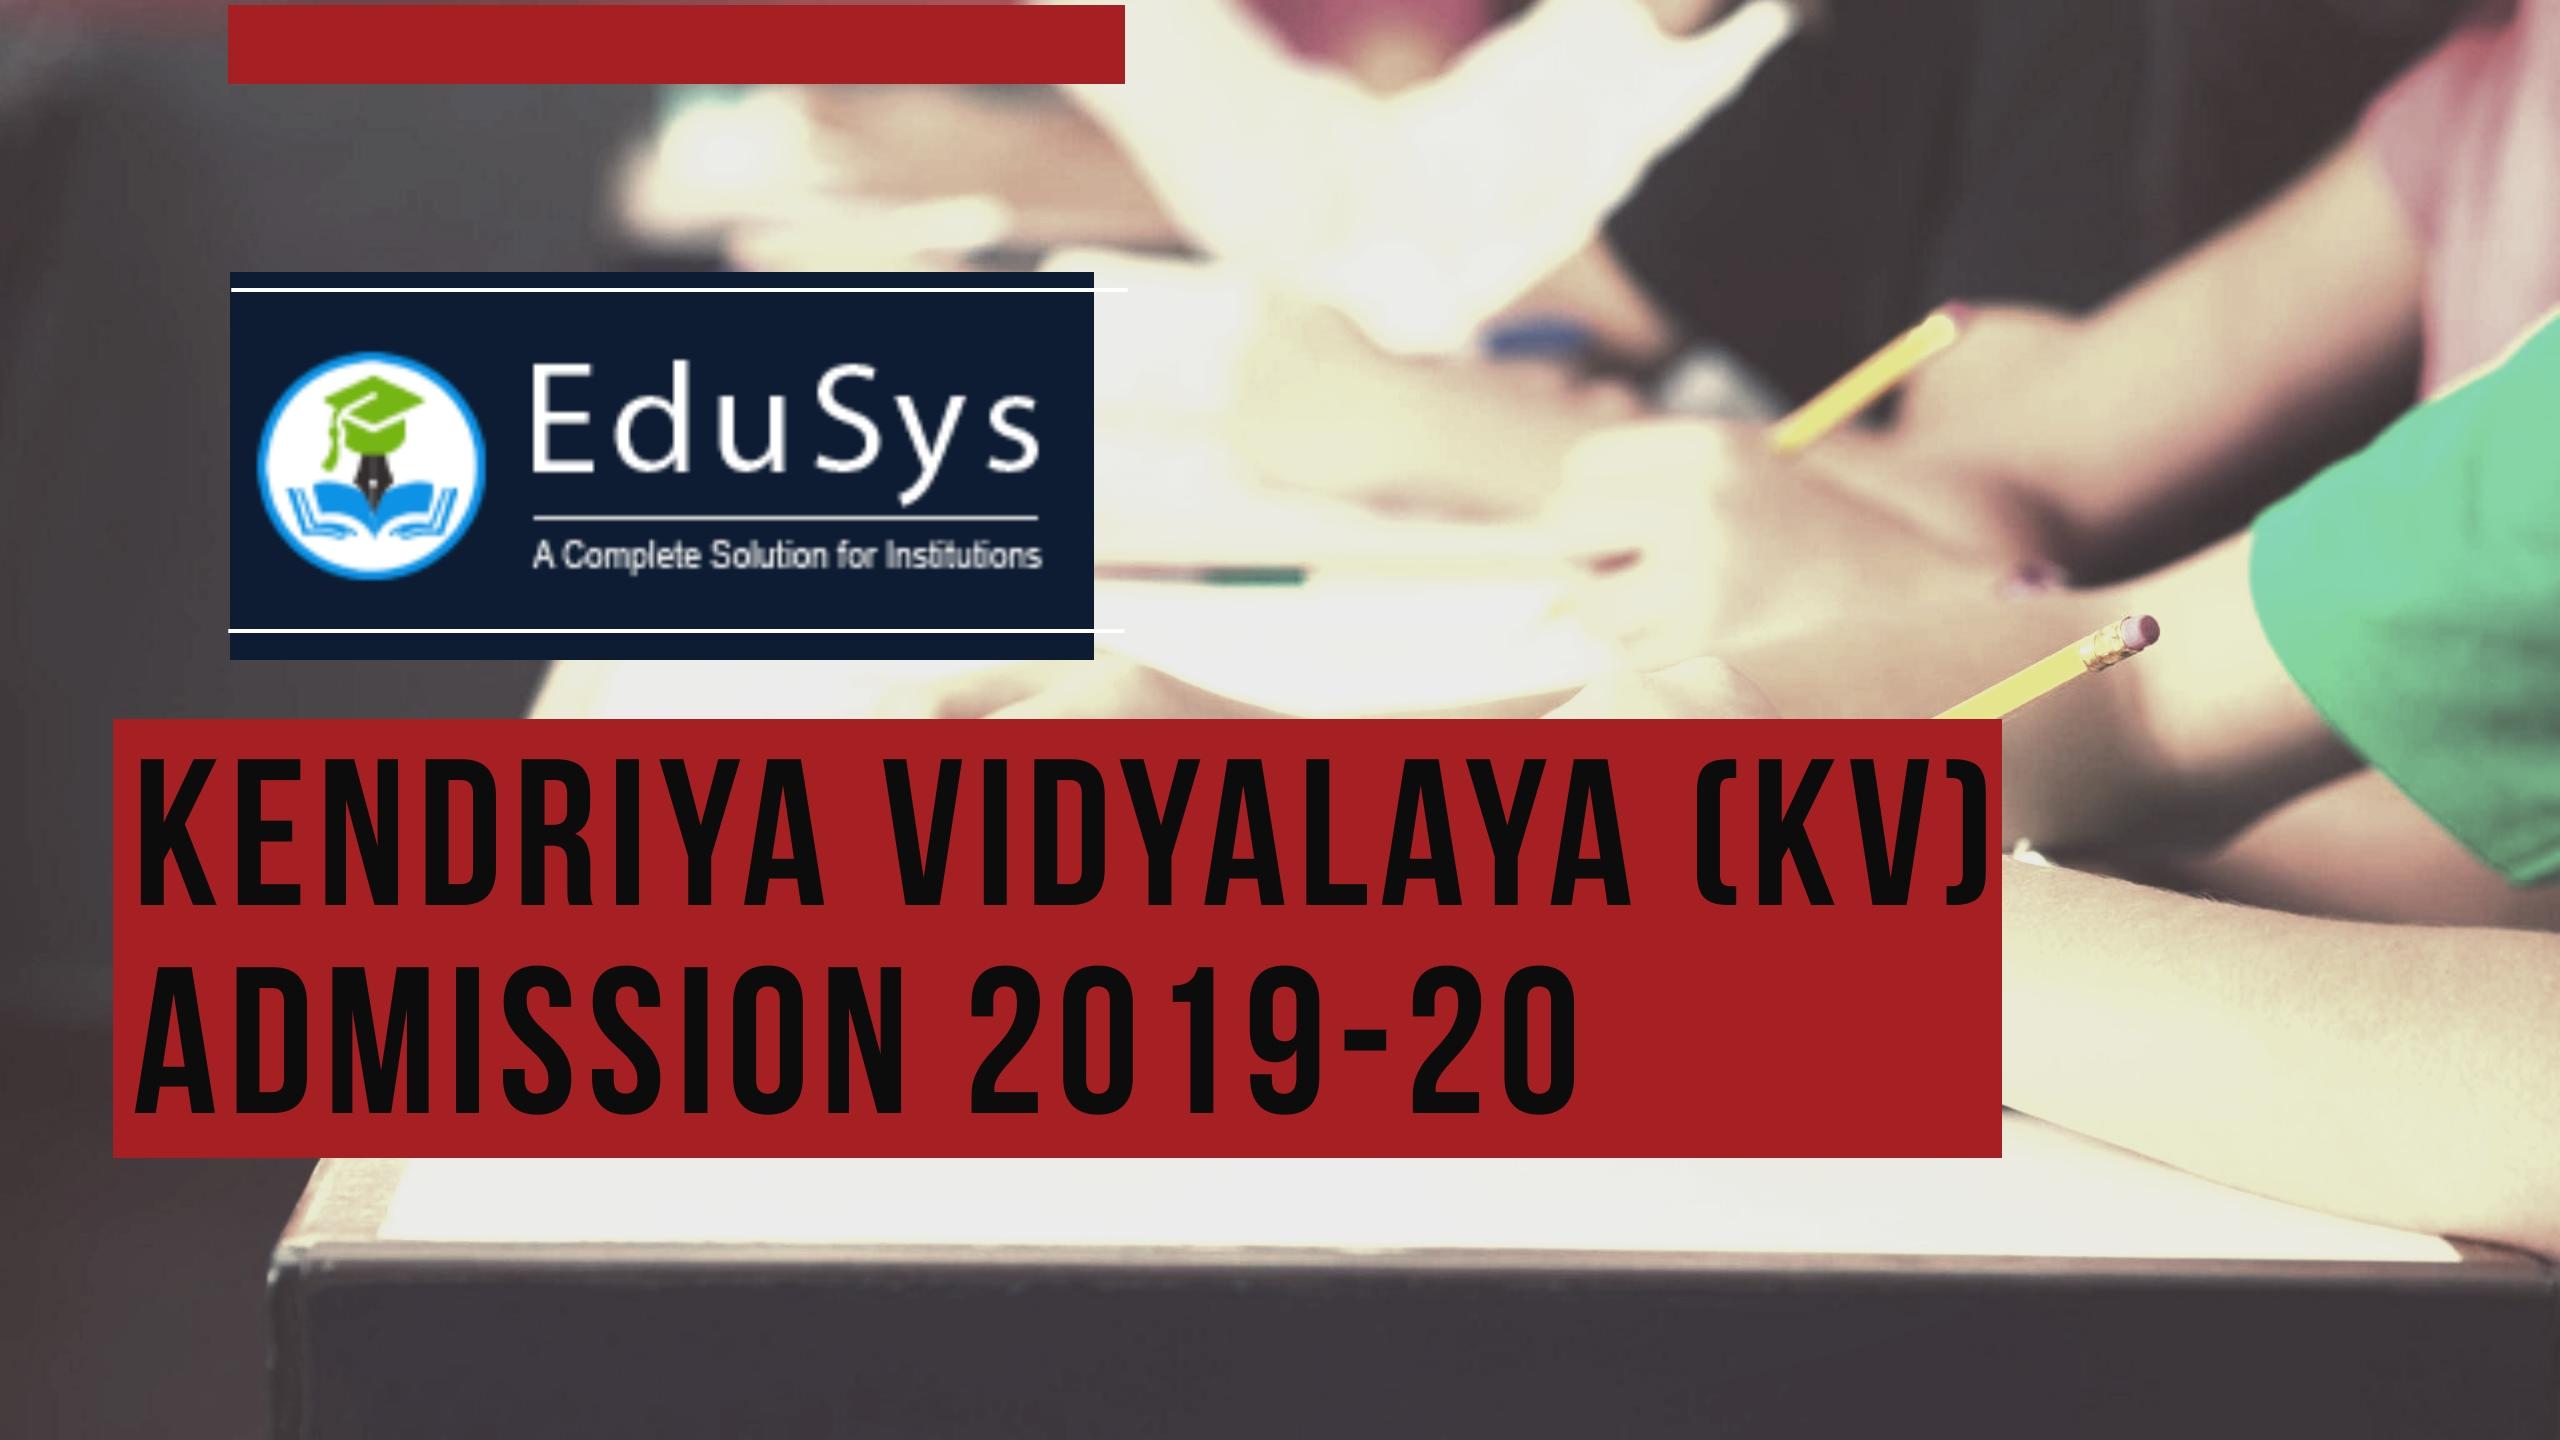 Kendriya Vidyalaya KV Admission 2019-20, Apply Online| Application Form